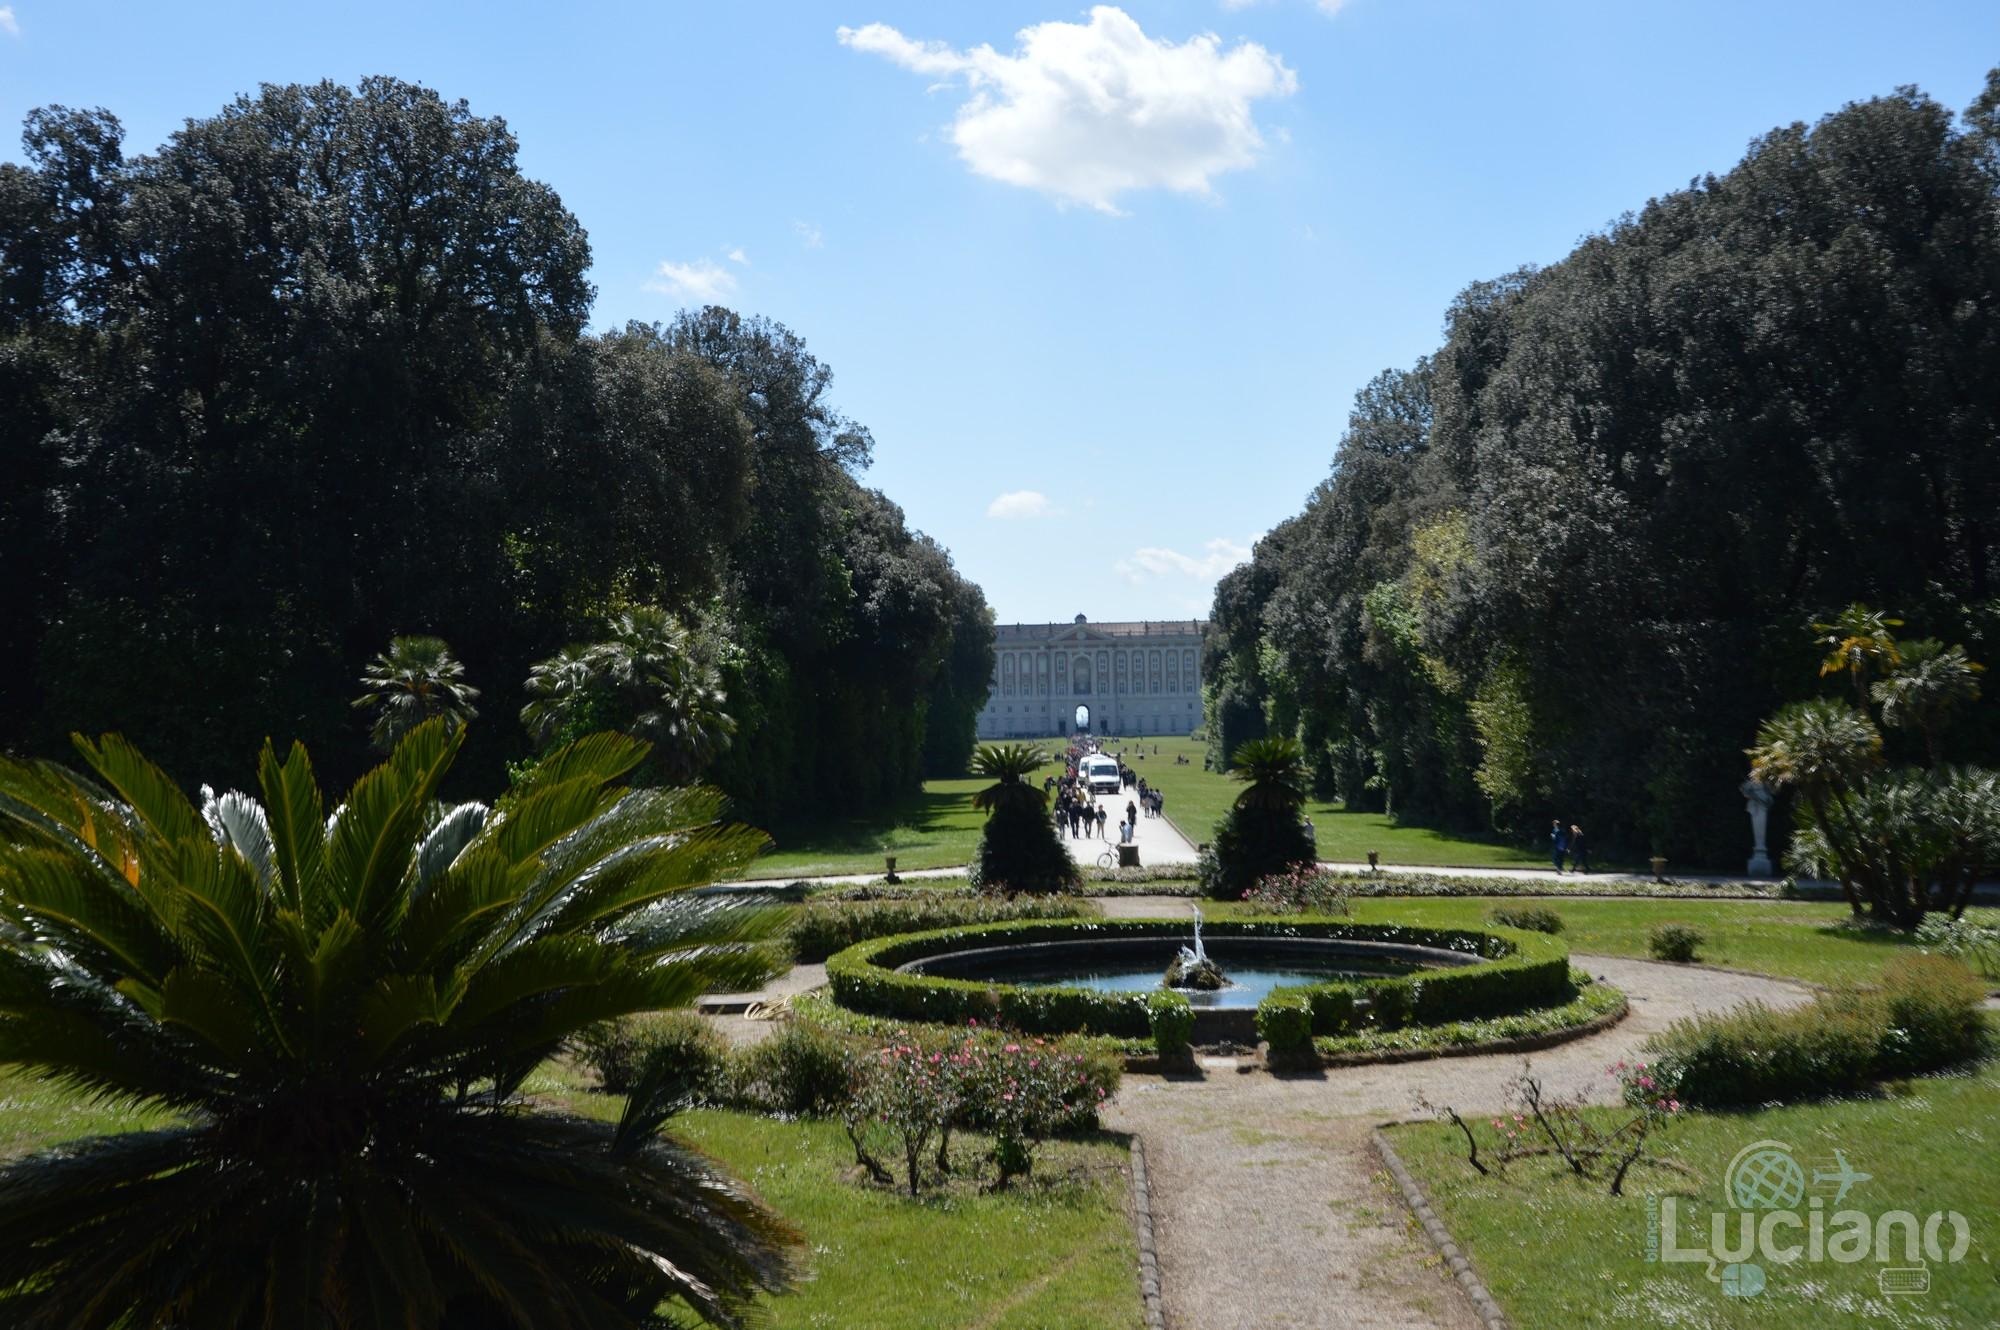 La struttura della Reggia di Caserta e del Parco